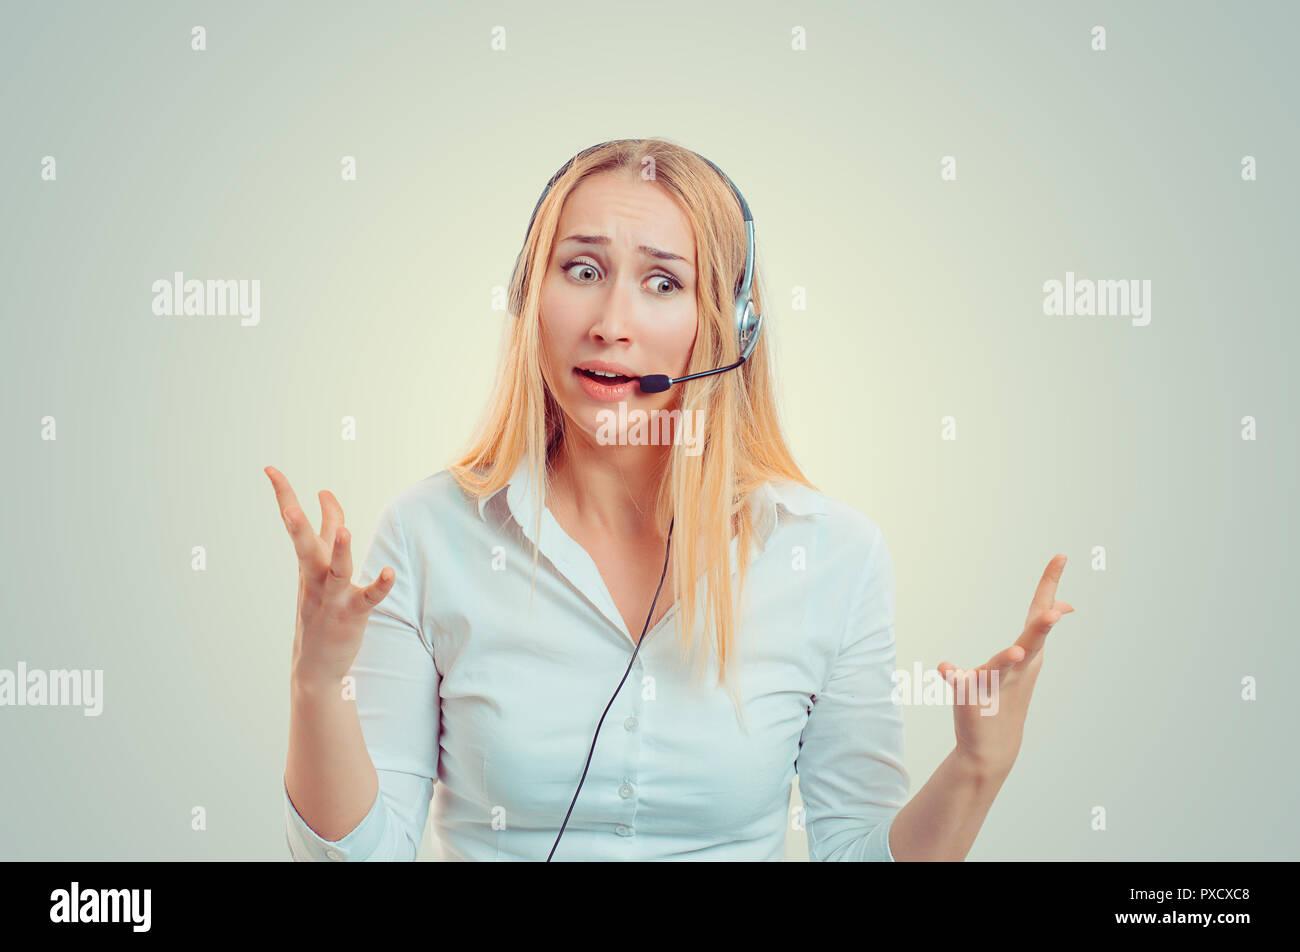 Junge blonde Frau in weißem Hemd Tragen des Headsets in Verwirrung und gestikulierend in Hilflosigkeit Stockbild